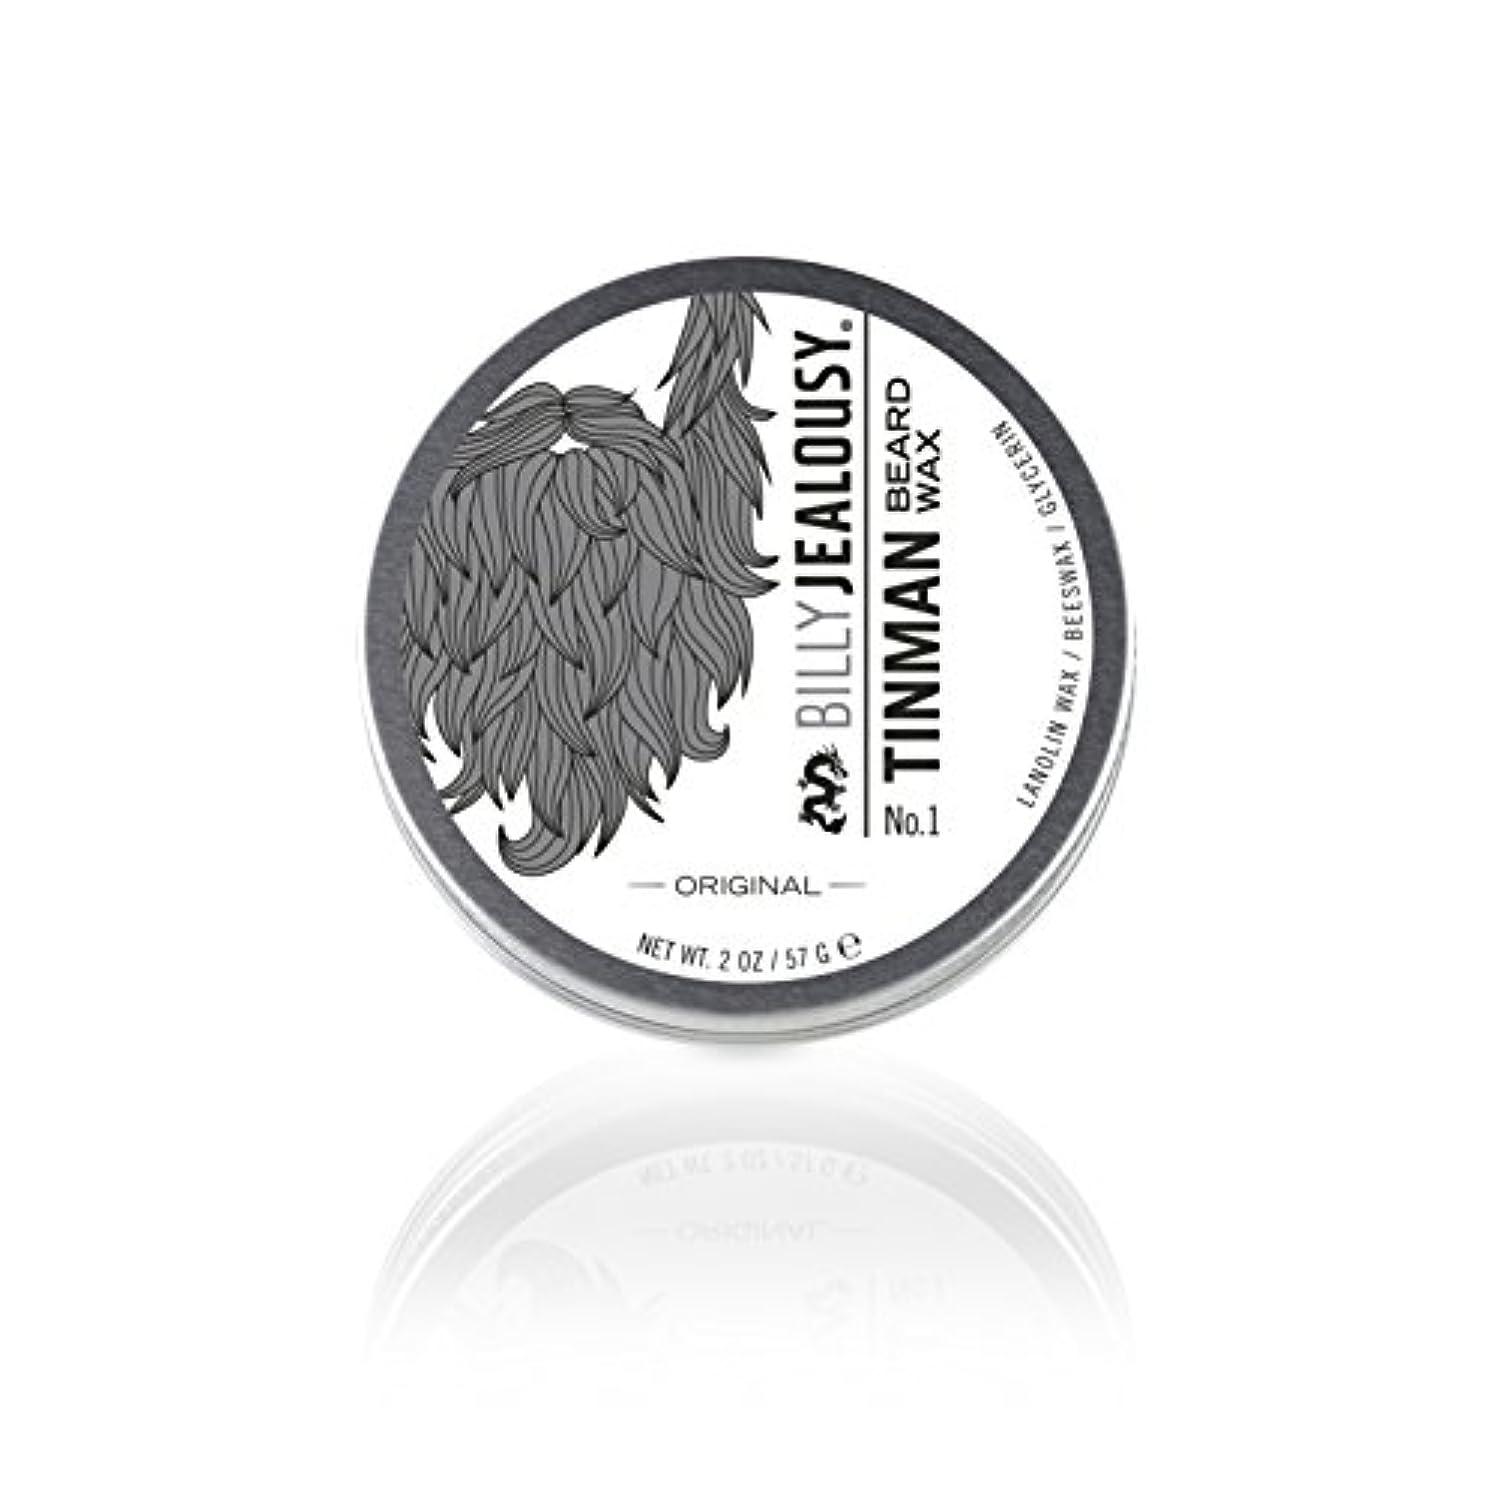 ビリージェラシー Tin Man No. 1 Beard Wax 57g/2oz並行輸入品